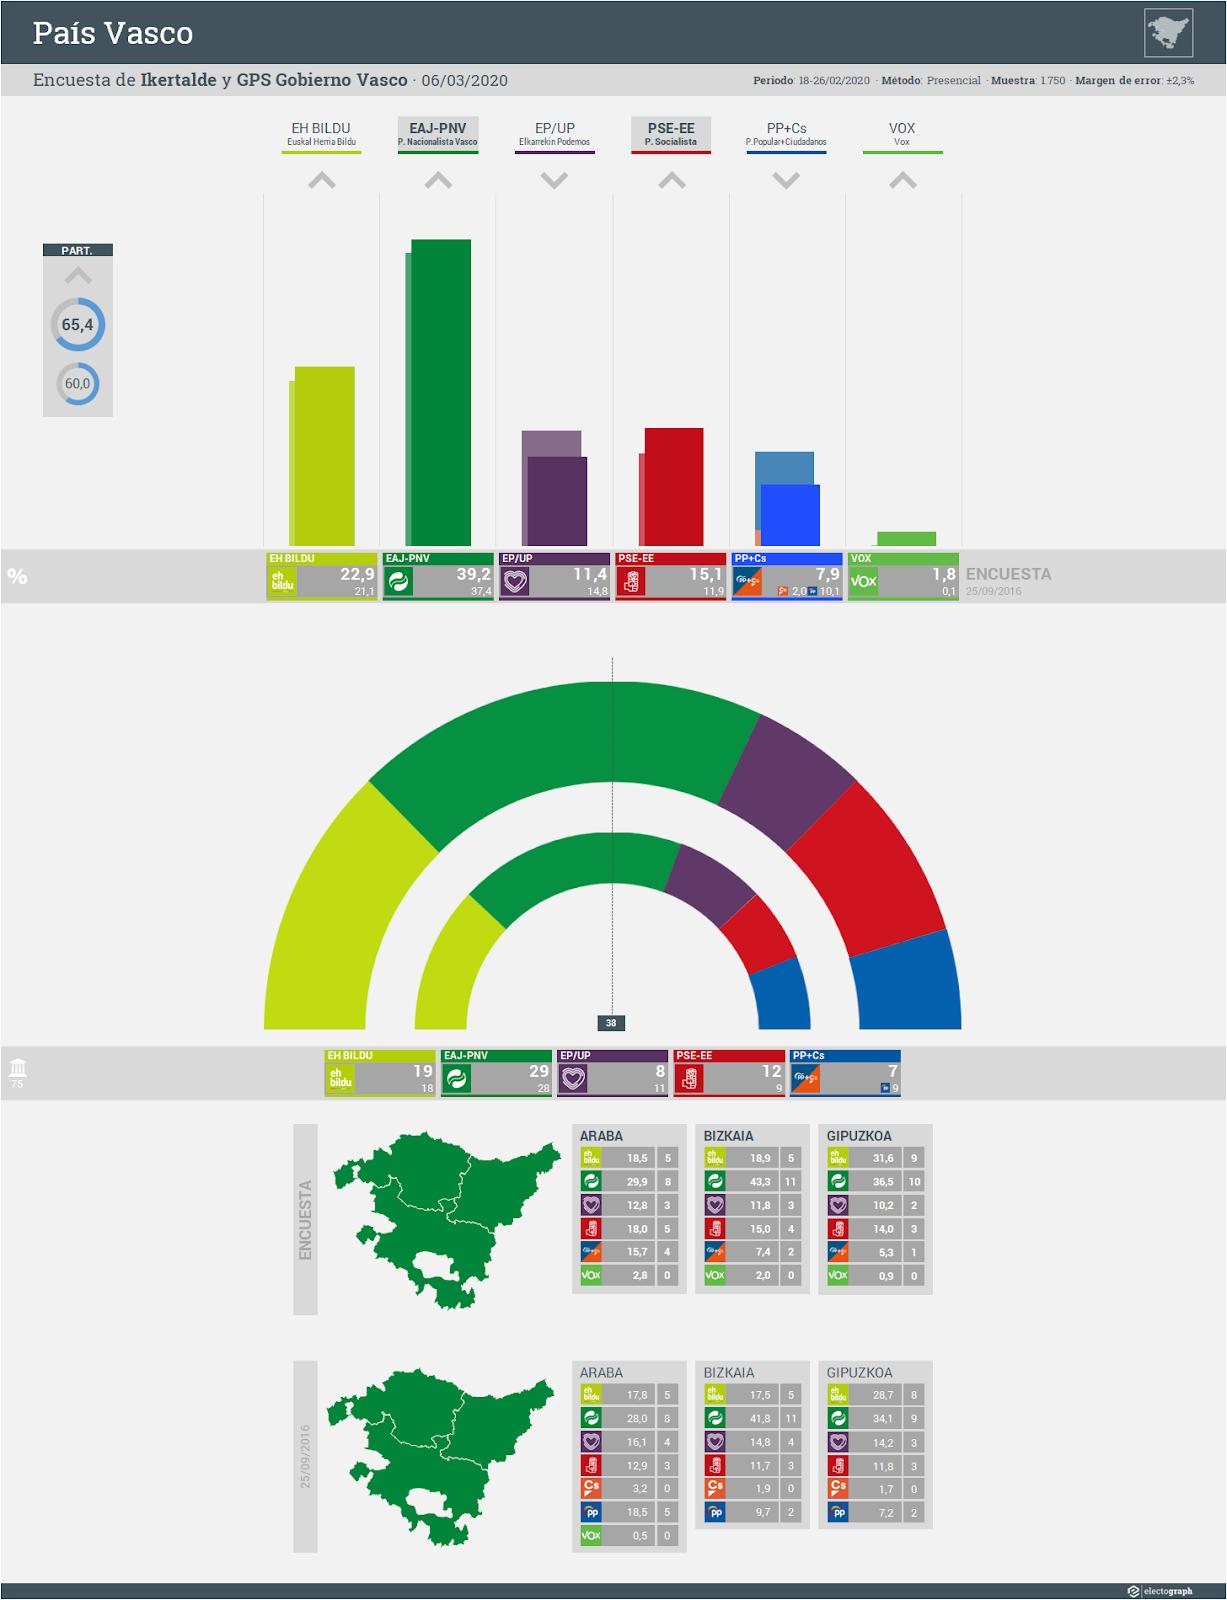 Gráfico de la encuesta para elecciones autonómicas en el País Vasco realizada por Ikertalde y el Gabinete de Prospección Sociológica del Gobierno Vasco [Sociómetro], 6 de marzo de 2020